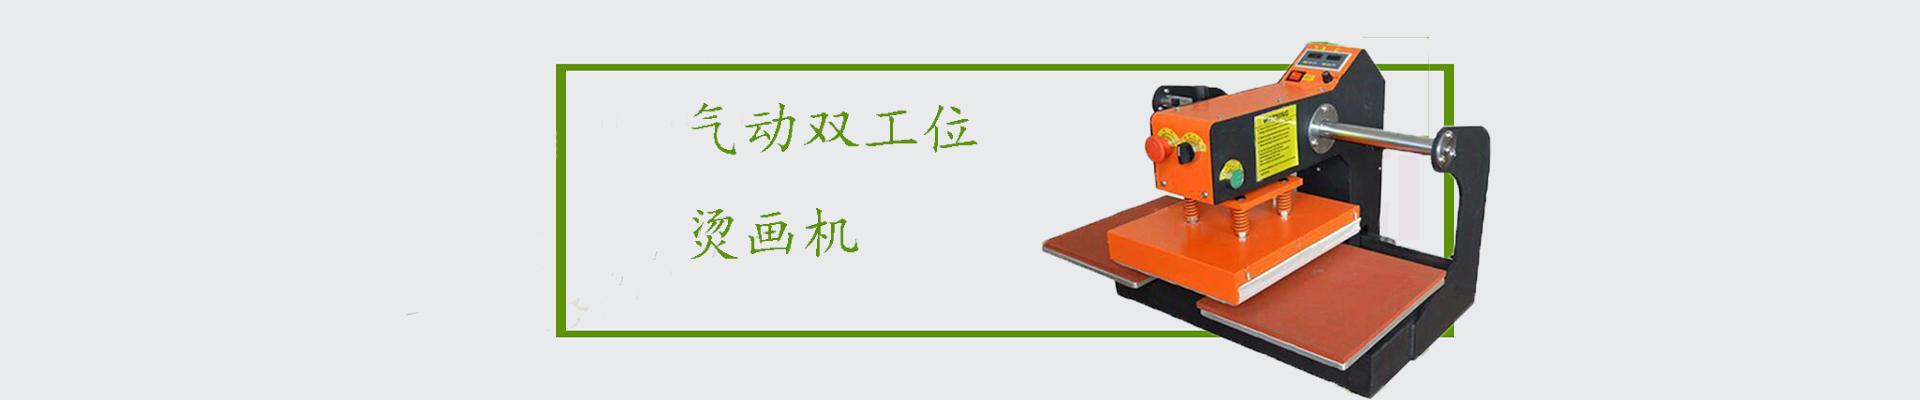 东莞市麦吉服装设备有限公司